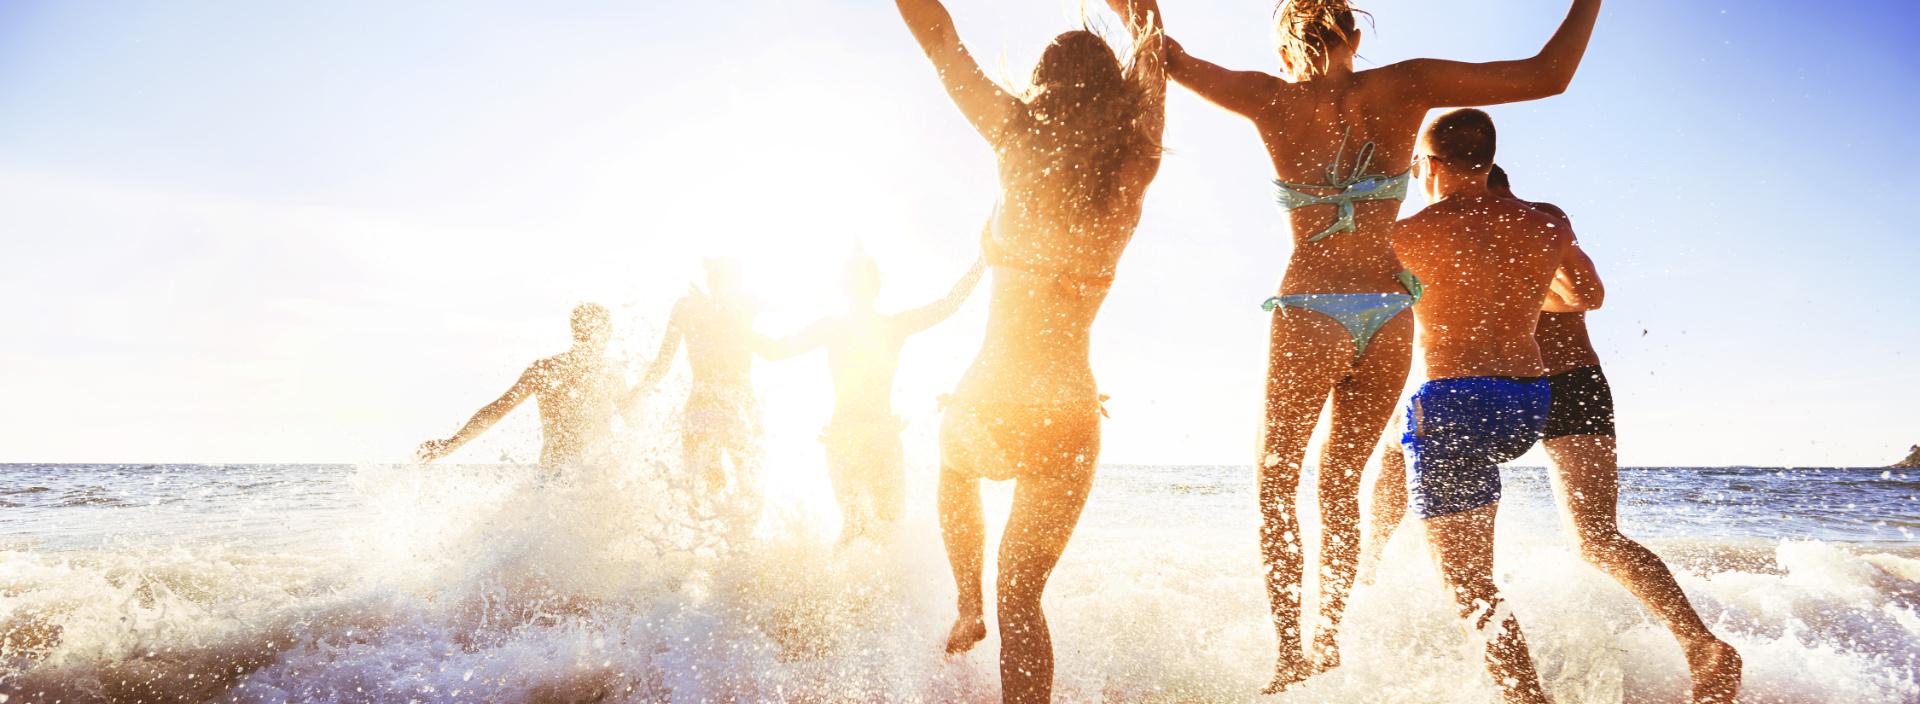 friends at a beach